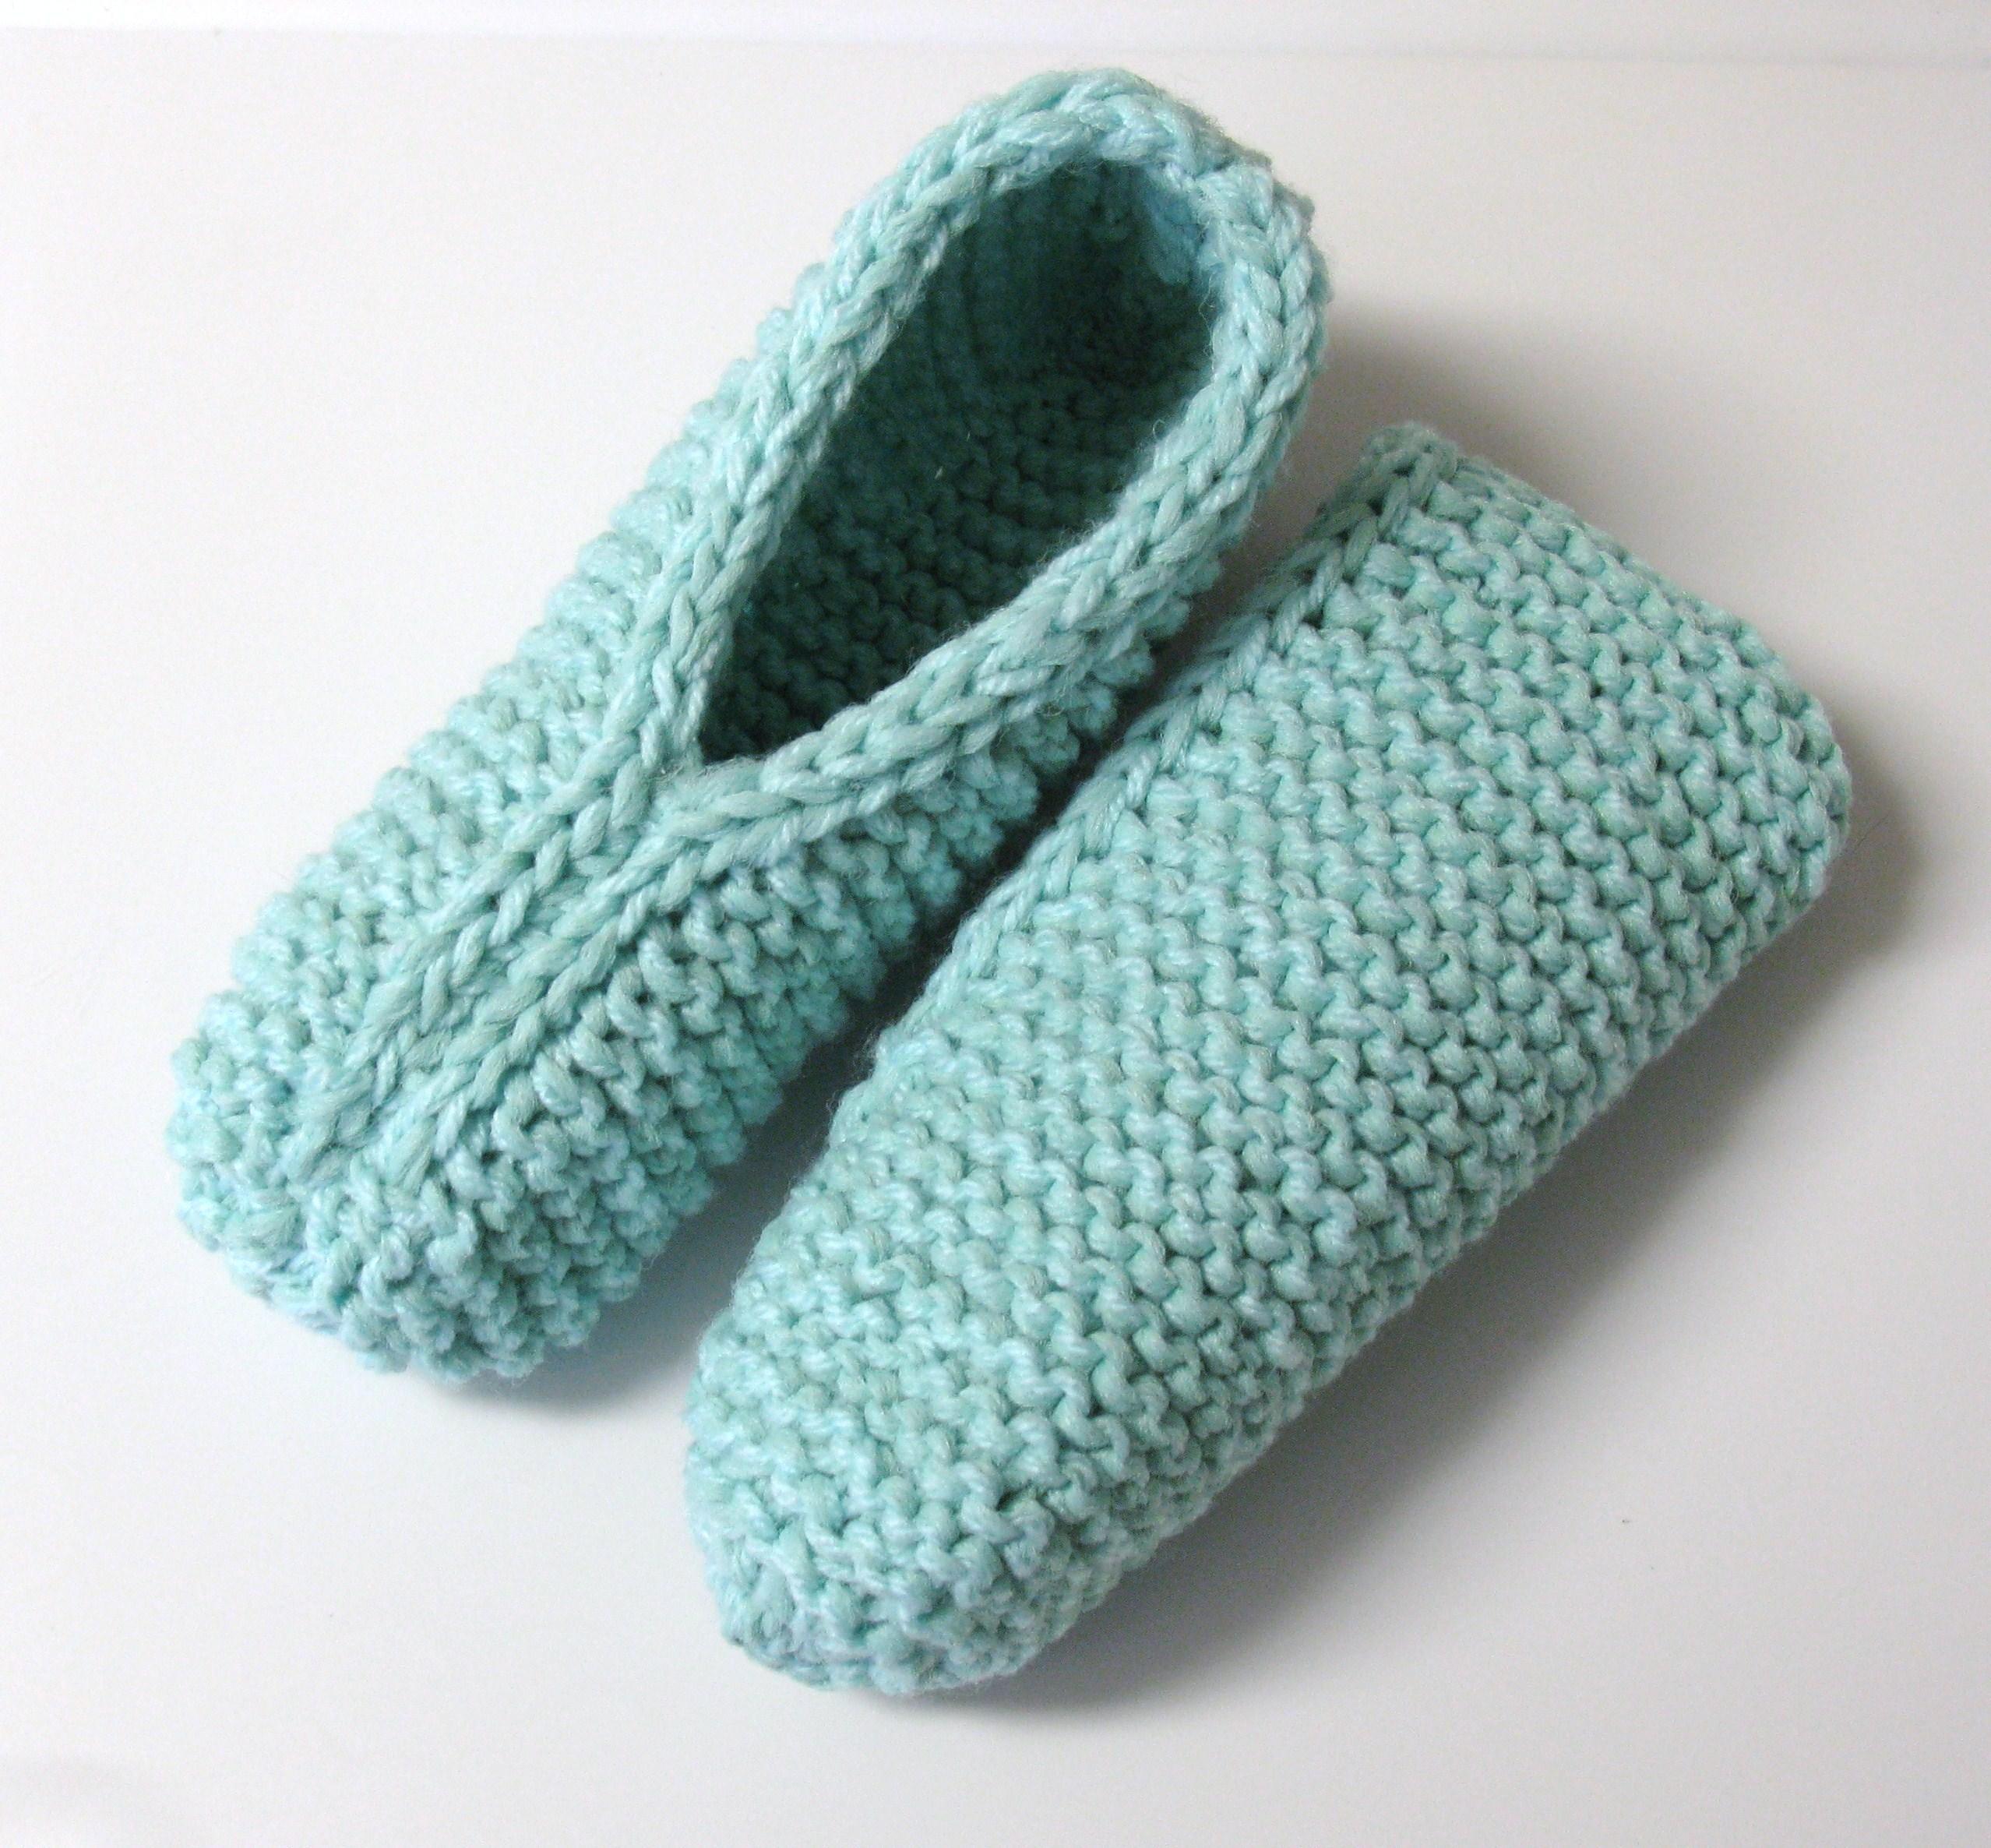 Pantoufles petite douceur au tricot 3 petites mailles - 3 petites mailles ...